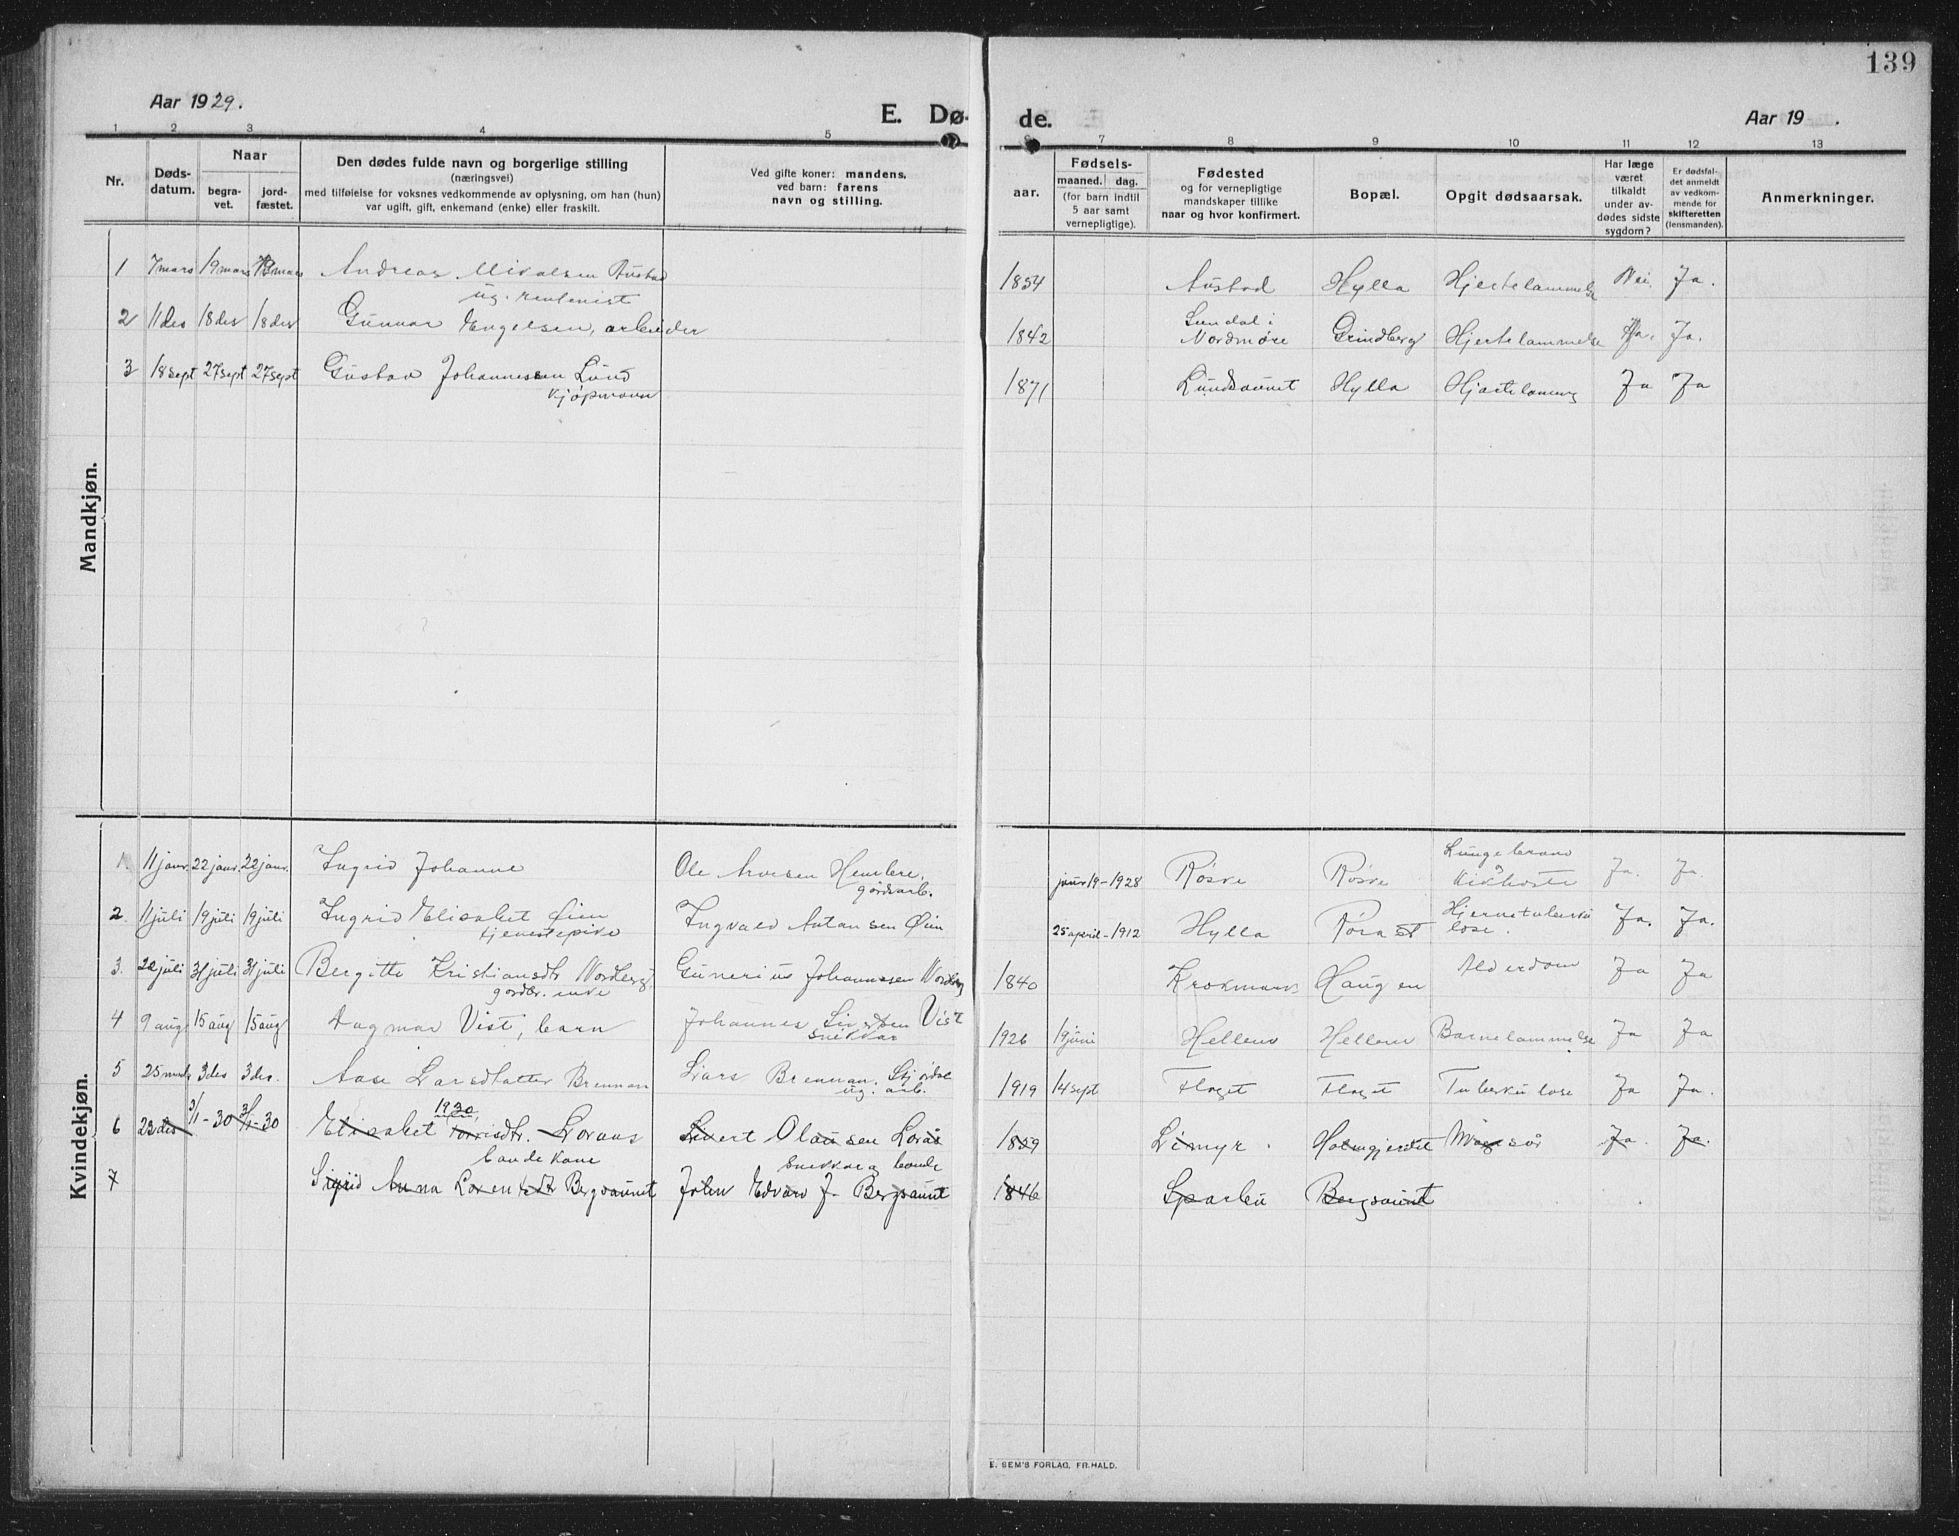 SAT, Ministerialprotokoller, klokkerbøker og fødselsregistre - Nord-Trøndelag, 731/L0312: Klokkerbok nr. 731C03, 1911-1935, s. 139